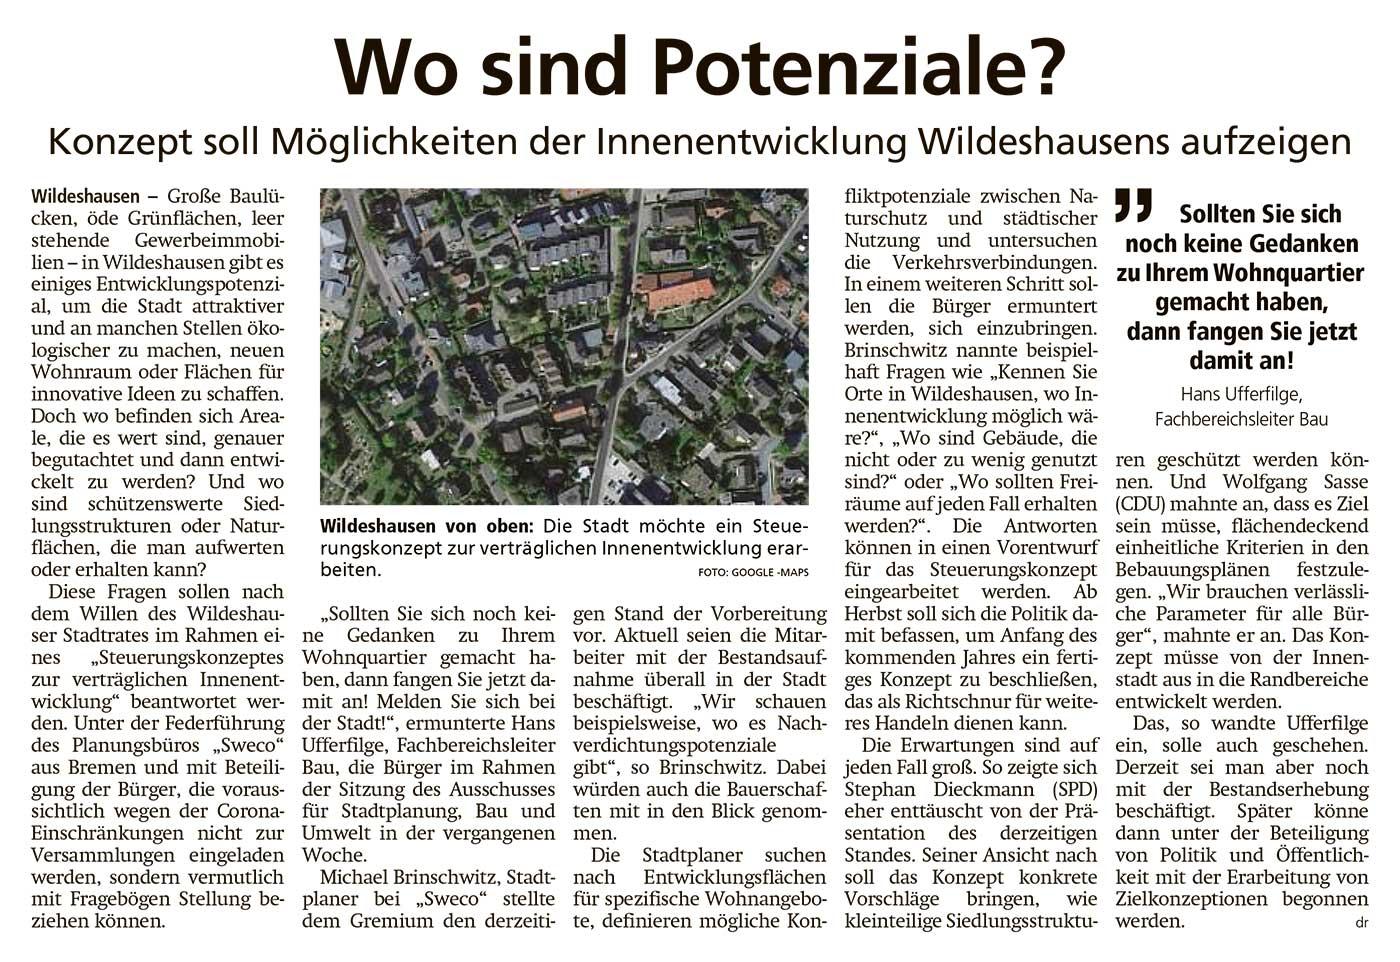 Wo sind Potenziale?Konzept soll Möglichkeiten der Innenentwicklung Wildeshausens aufzeigenArtikel vom 24.03.2021 (WZ)